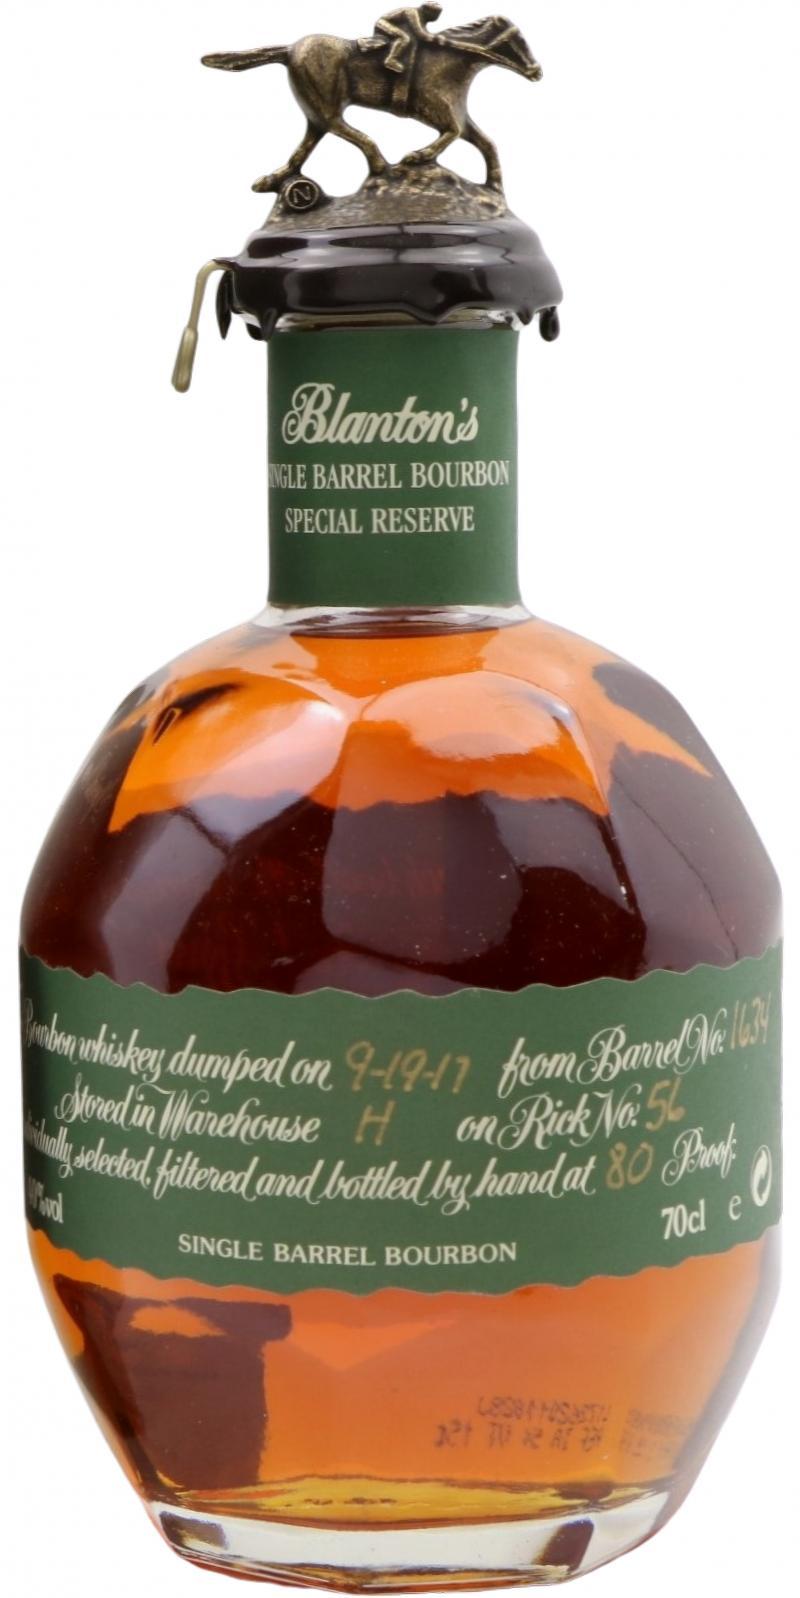 Blanton's Single Barrel